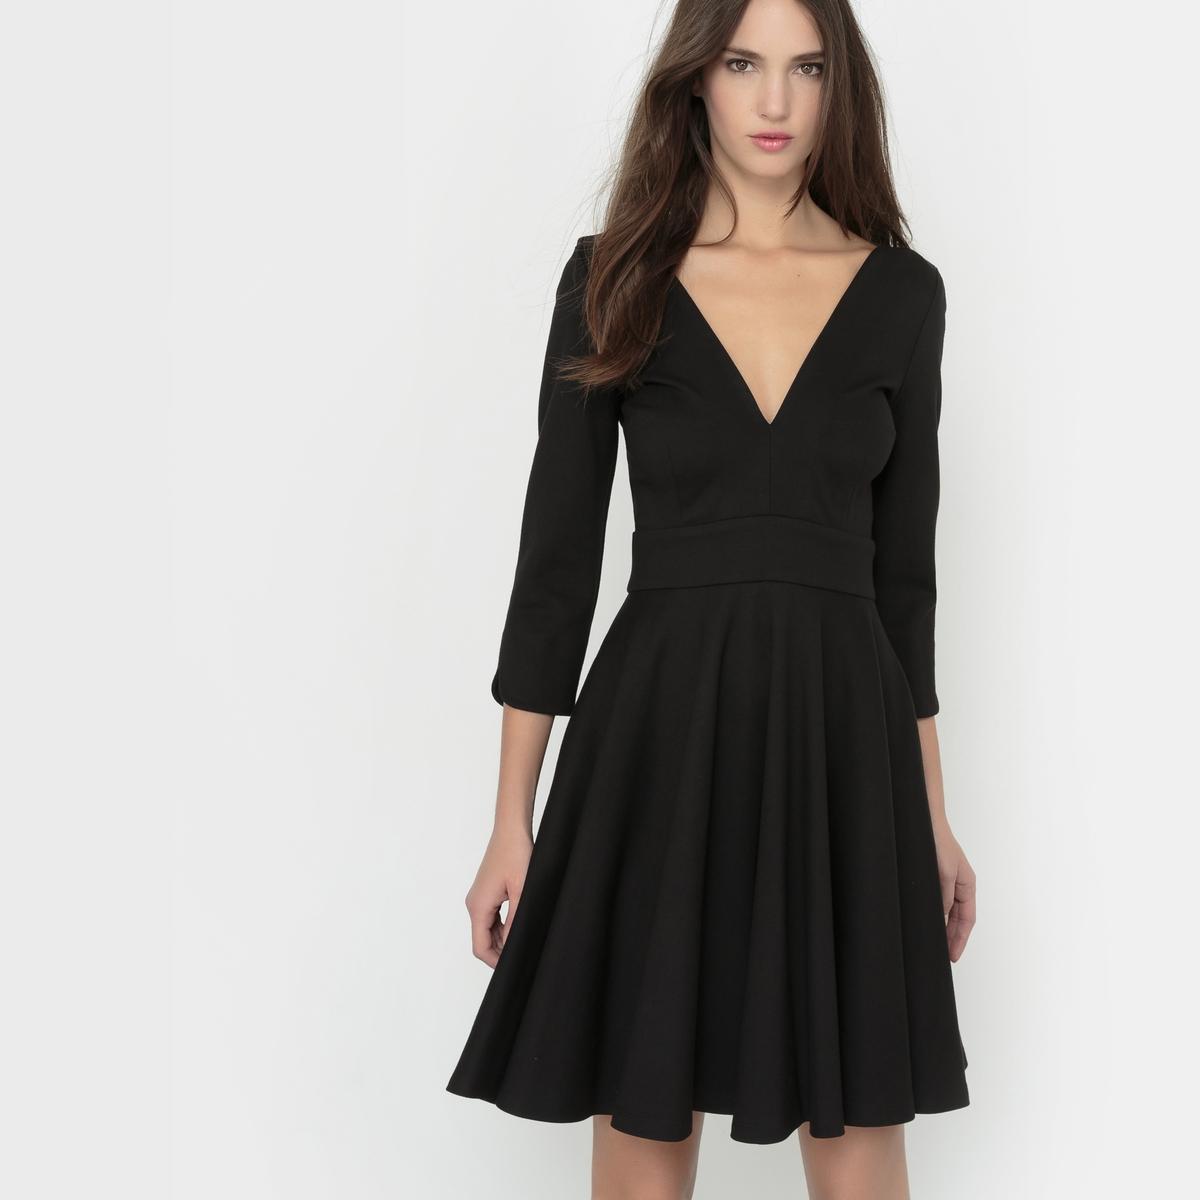 Платье короткоеПлатье с глубоким вырезом спереди и сзади. Рукава 3/4. Молния сзади. Состав и описаниеМатериал 67% вискозы, 28% полиамида, 5% эластанаДлина 91 смМарка DELPHINE MANIVET  УходМашинная стирка при 30 °C - Не отбеливать - Гладить при низкой температуре - Машинная сушка запрещена<br><br>Цвет: черный<br>Размер: 38 (FR) - 44 (RUS).36 (FR) - 42 (RUS)